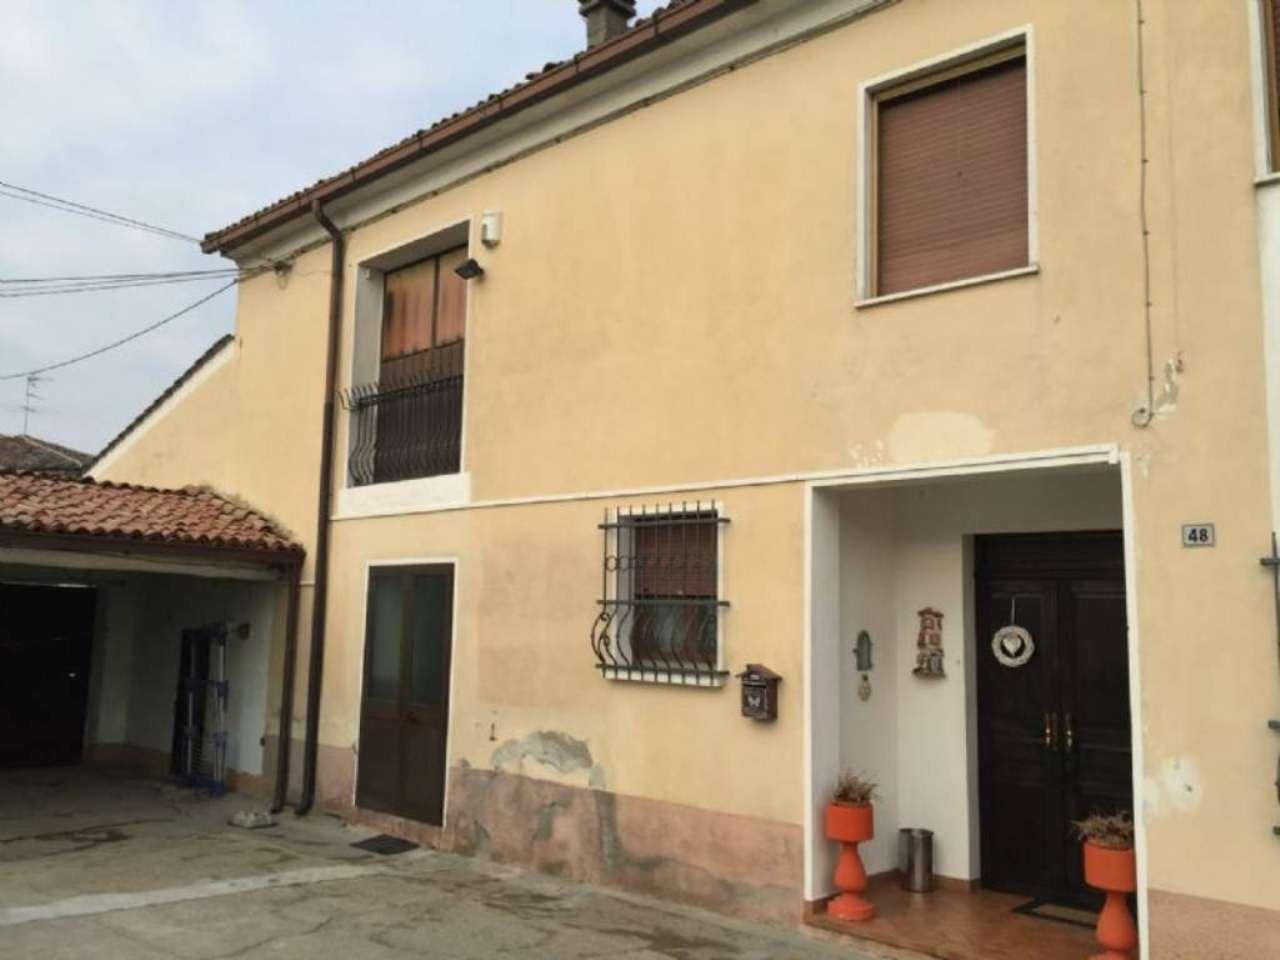 Soluzione Semindipendente in vendita a Commessaggio, 5 locali, prezzo € 110.000 | Cambio Casa.it